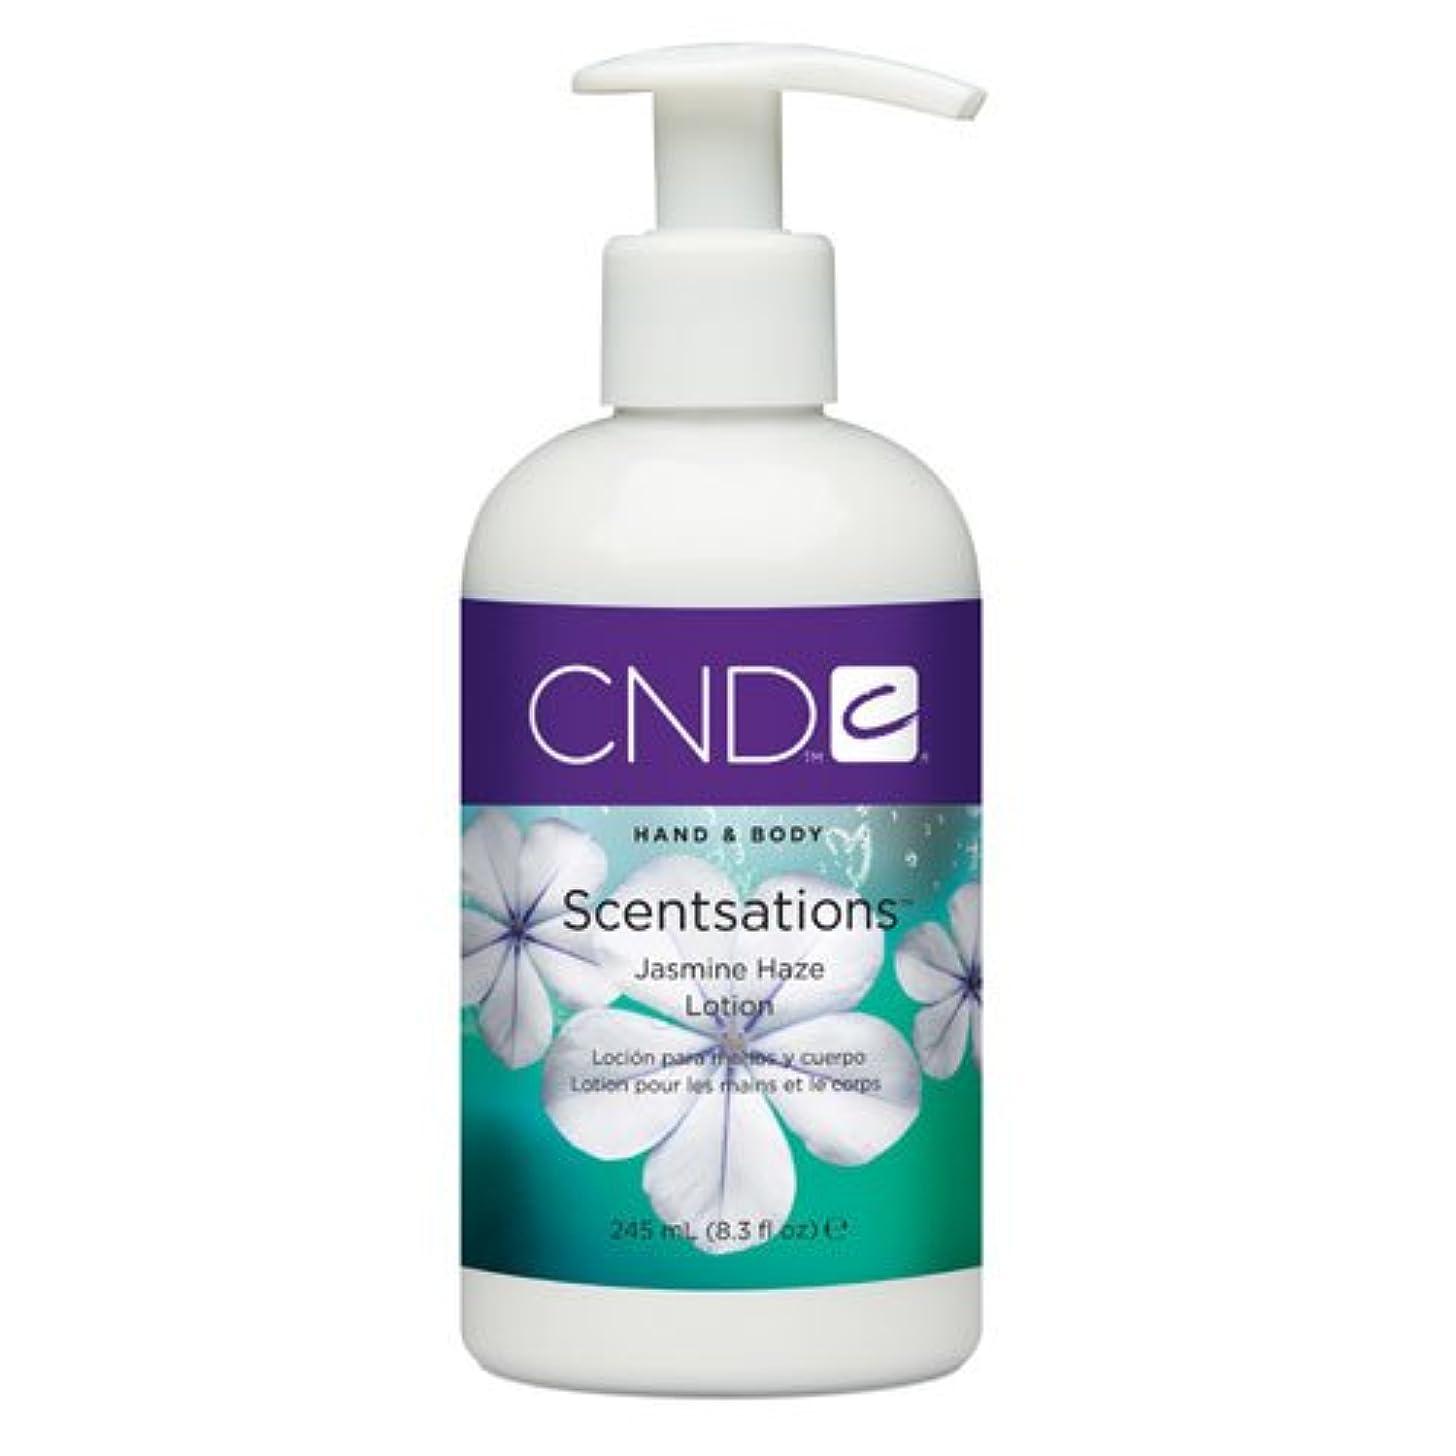 細胞ヒロイン十分ですCND センセーション ハンド&ボディローション ジャスミンヘイズ 245ml 目覚めとともに優しく包み込むジャスミンの香り